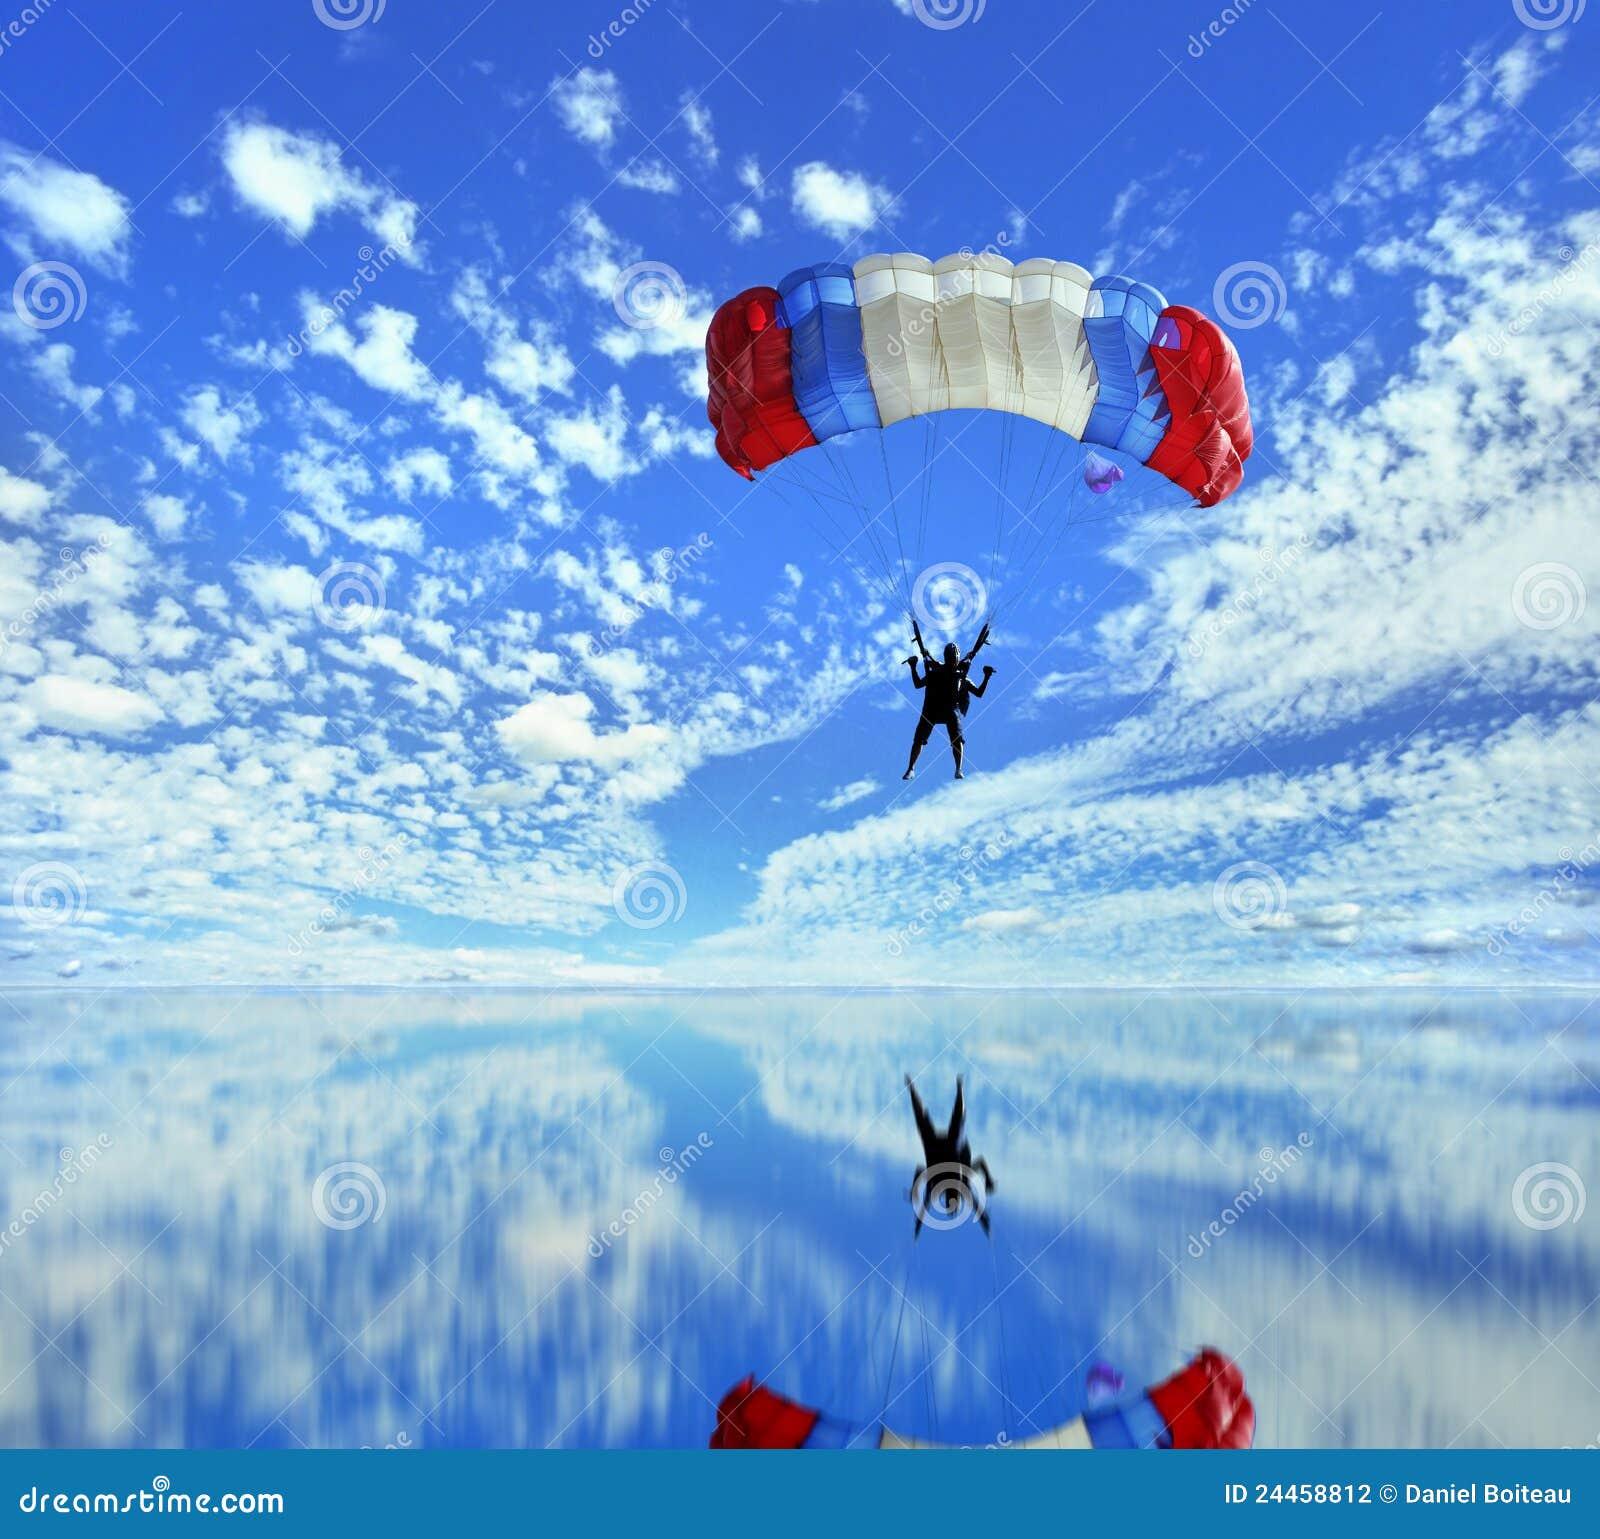 Att landa hoppa fallskärm